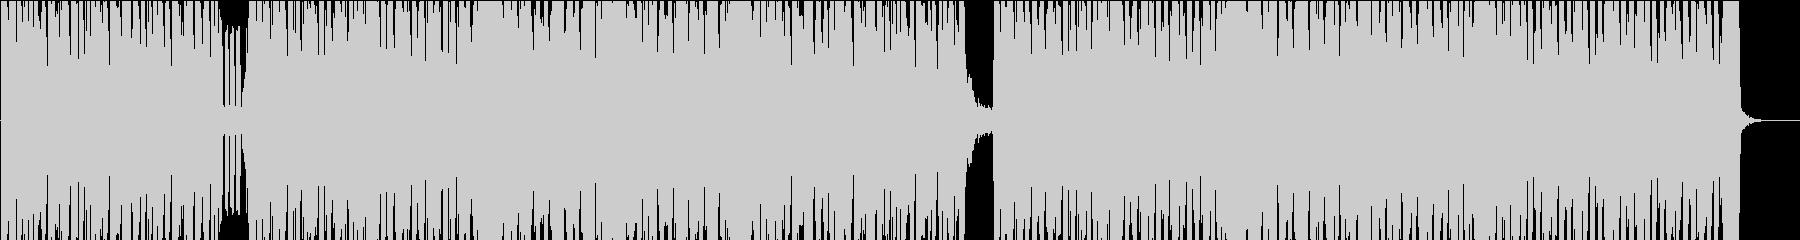 16秒でサビ、電子音イケイケ/カラオケの未再生の波形